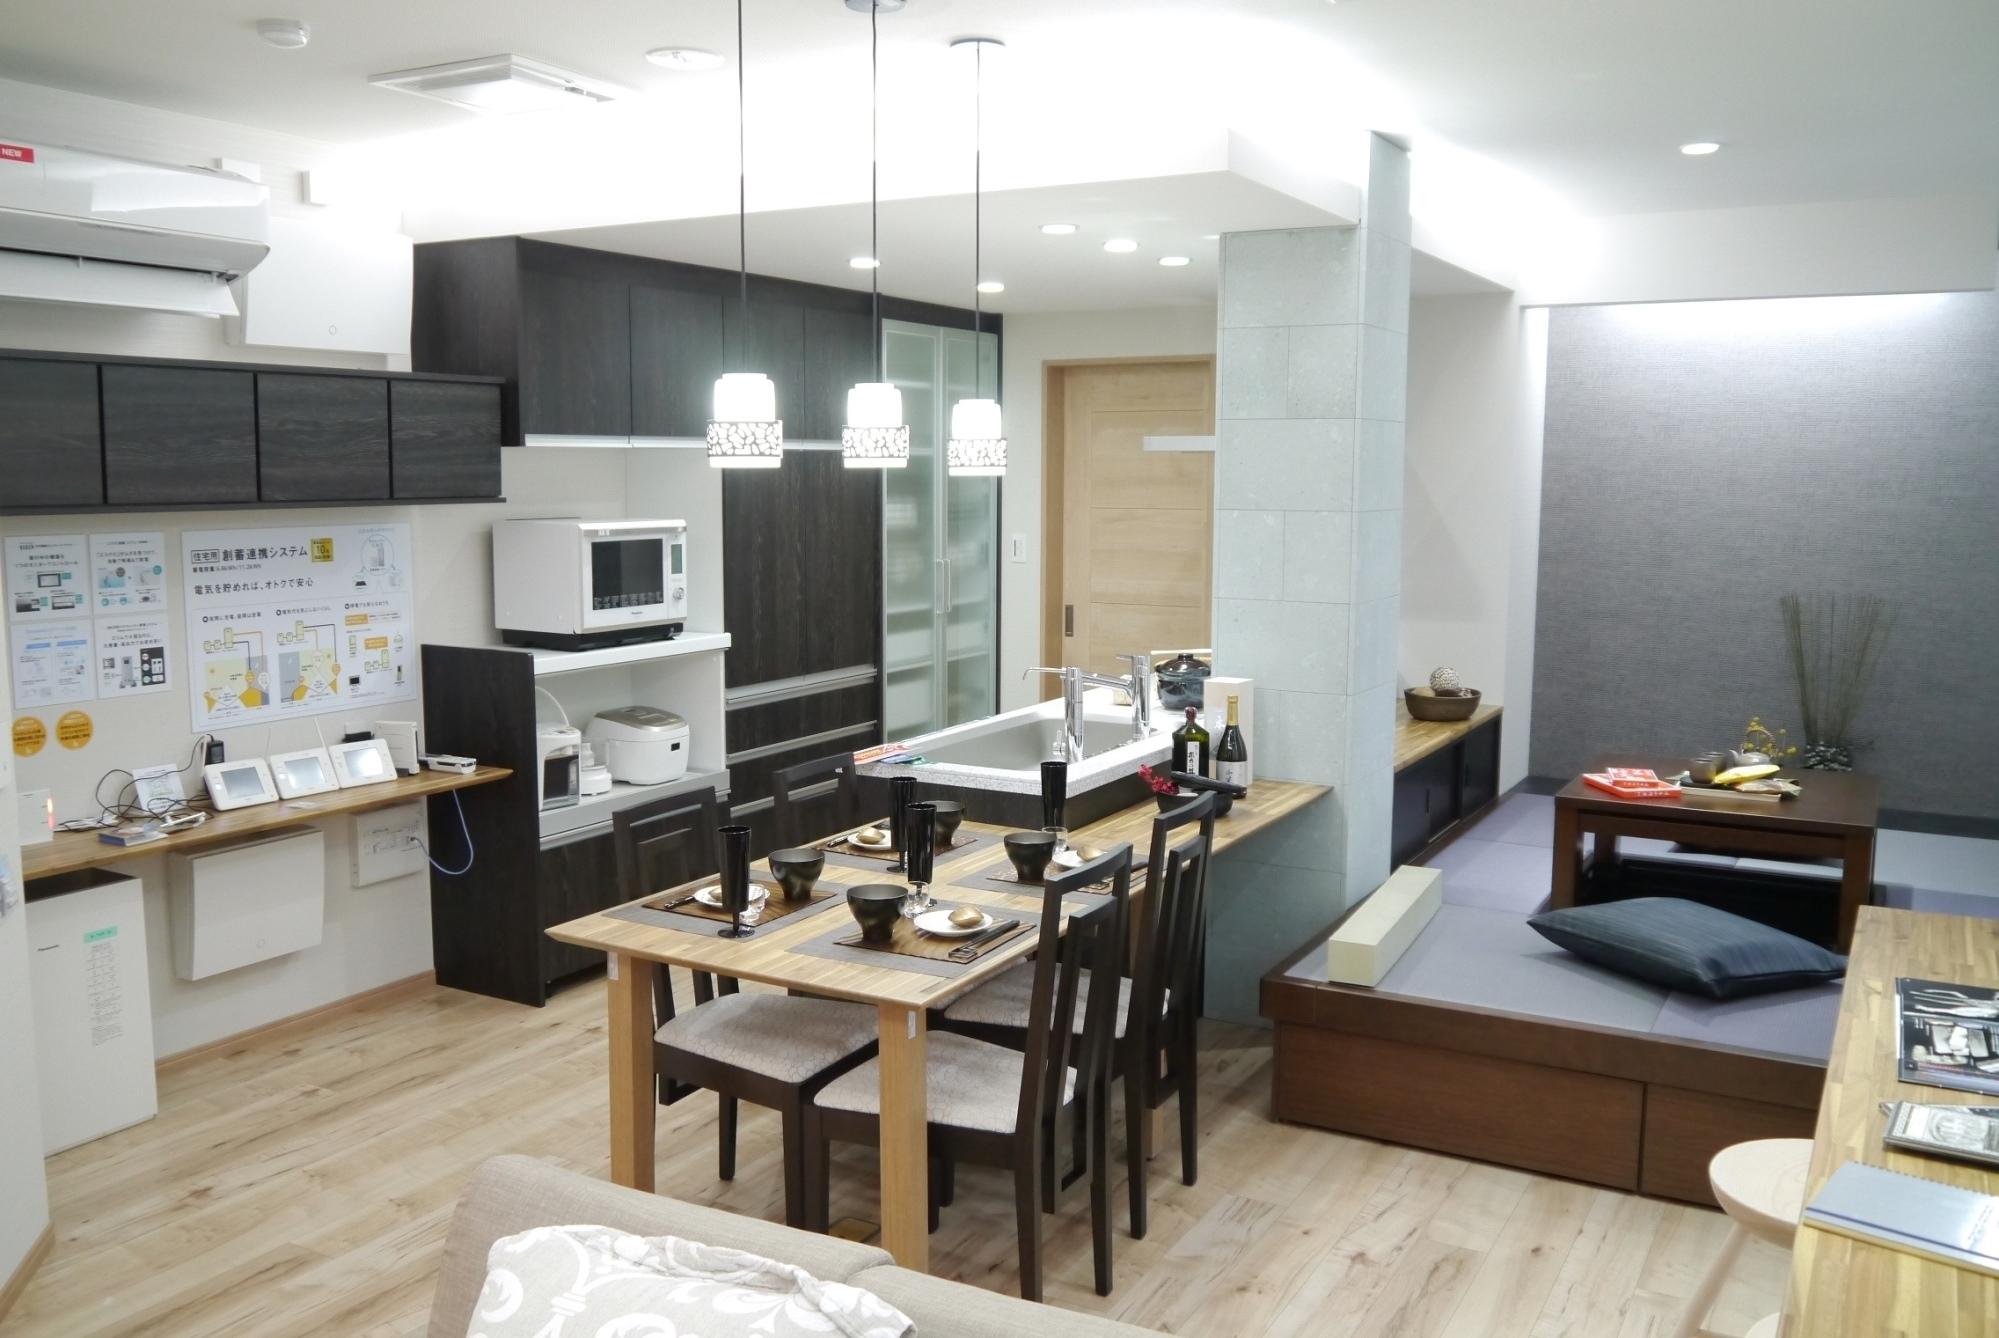 【パナソニック リビング ショウルーム 福井】3世代の快適を支える住まいの空間展示